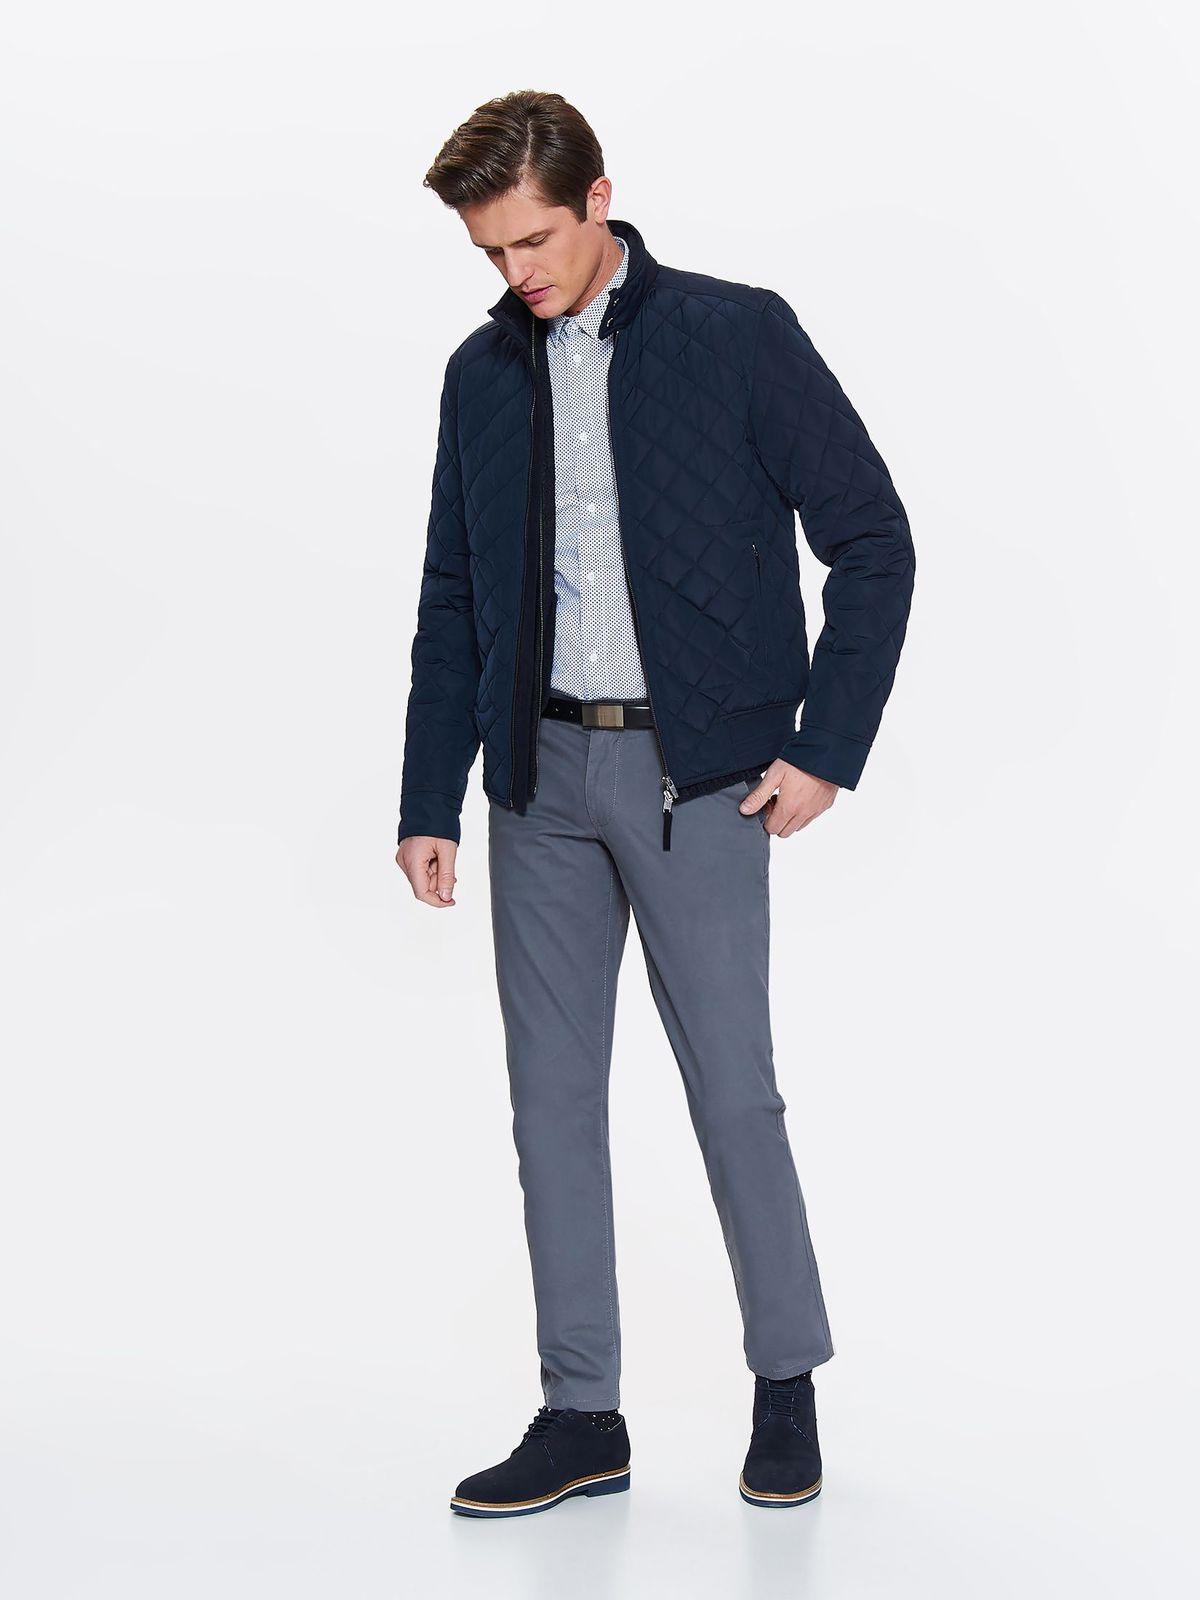 Куртка мужская Top Secret, цвет: темно-синий. SKU0853GR. Размер M (46)SKU0853GR